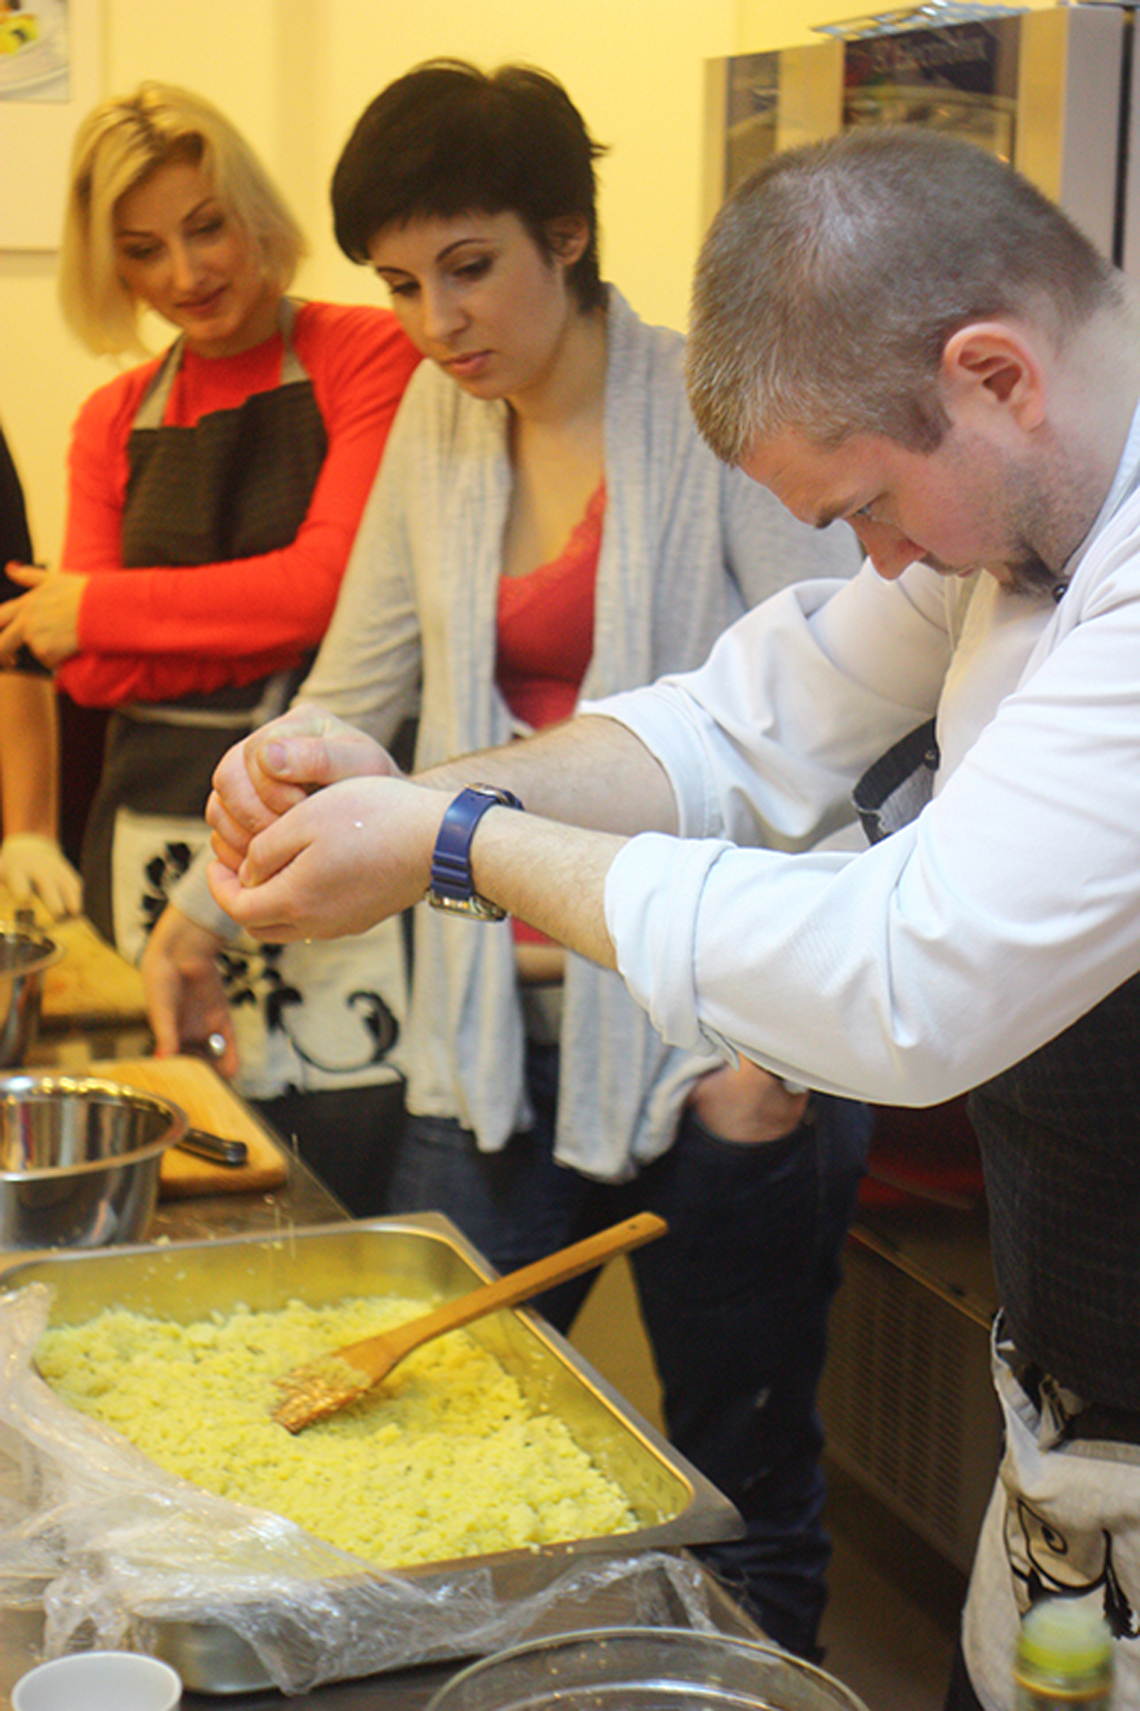 Кулинарные курсы. Урок «Франко-марокканская кухня». Кулинарный сайт Марии Каленской.